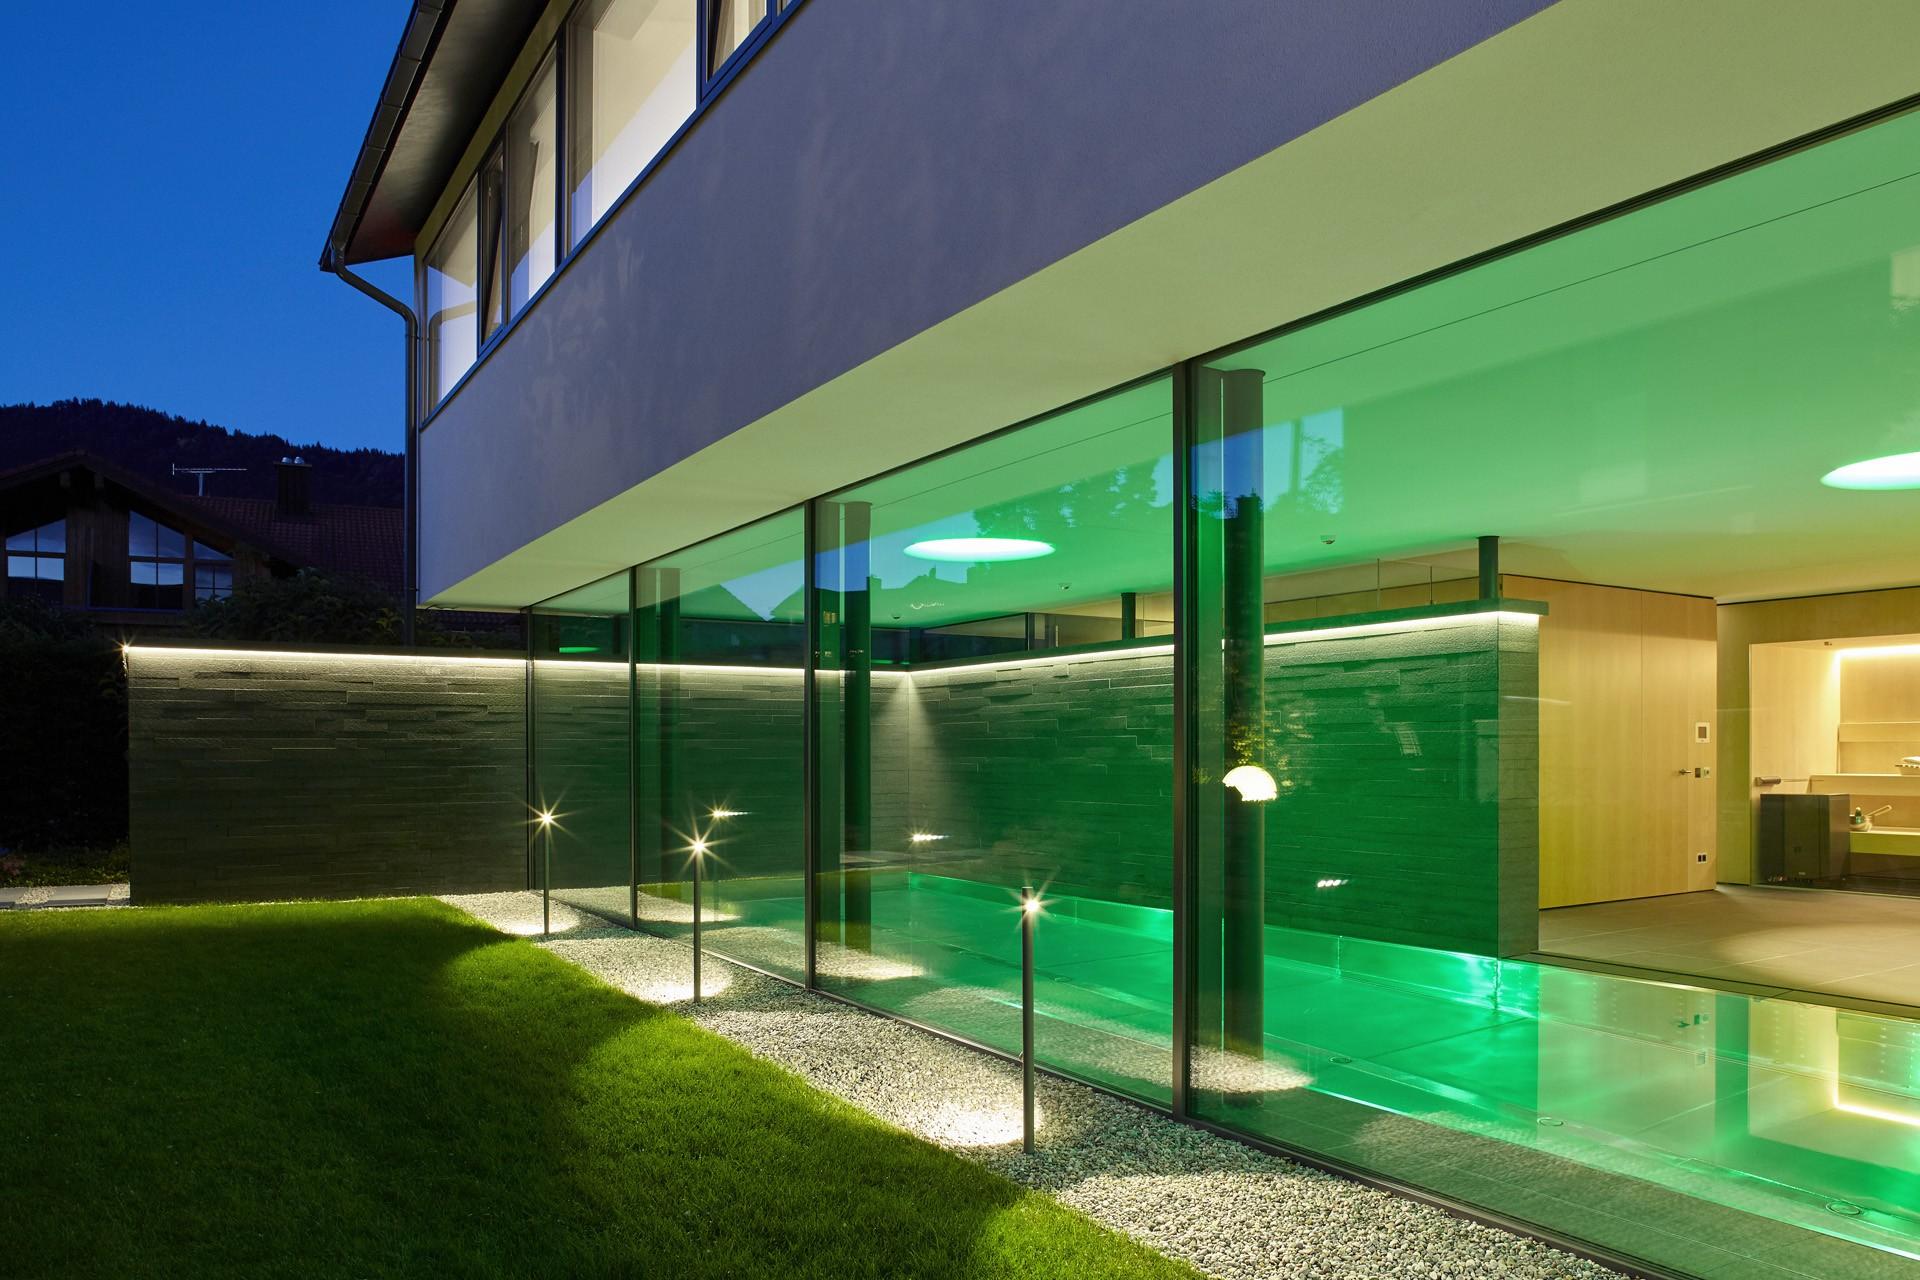 architektur-plus-raum-haus-hm-13